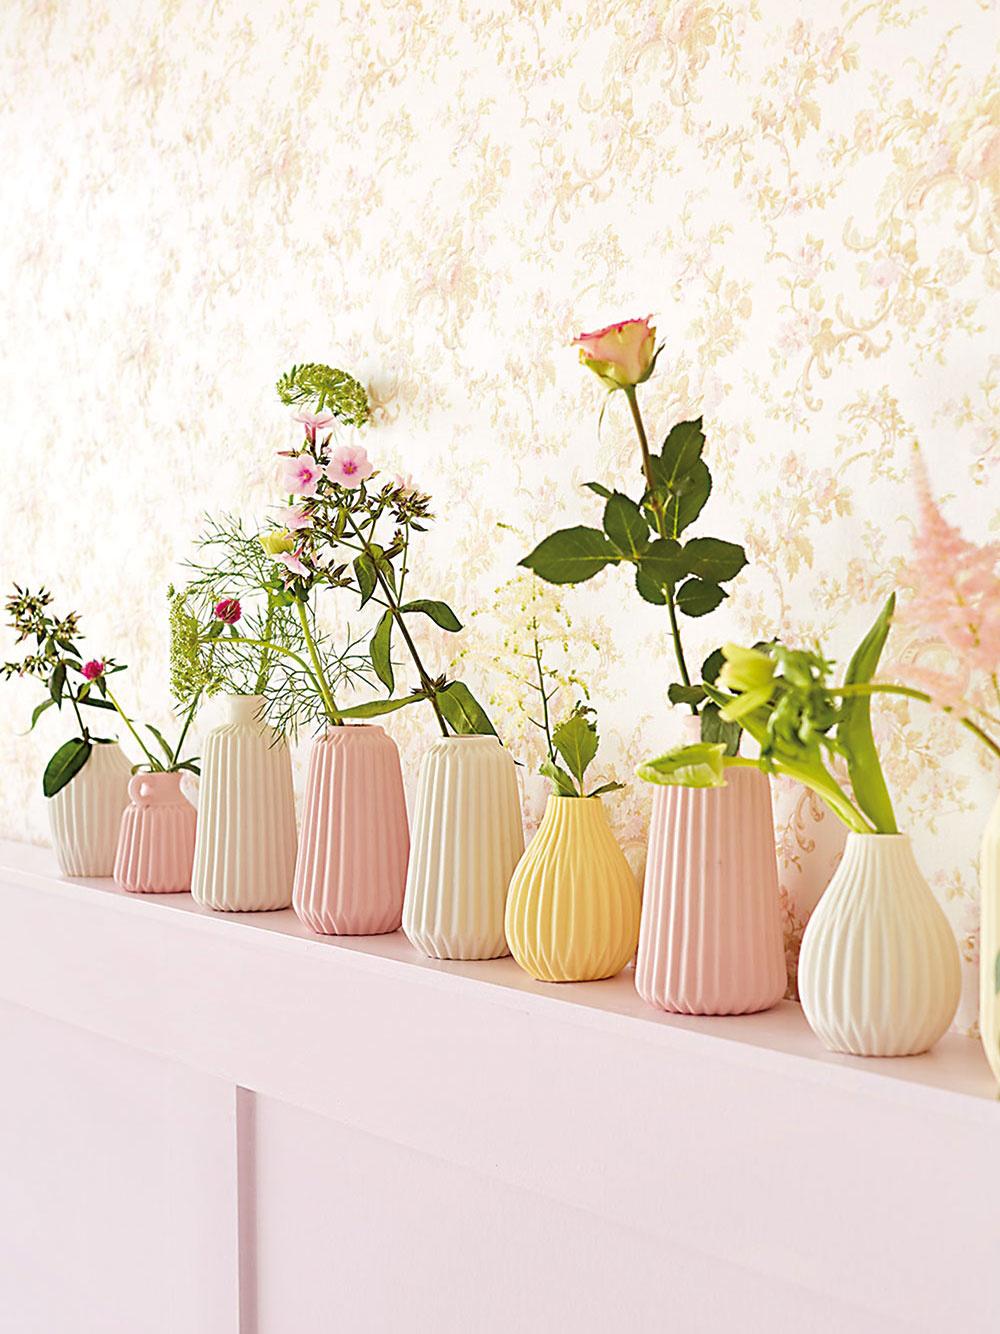 Štýl 1 Neha  Drobné kvetinové vzory vkombinácii spastelovými tónmi dokážu navodiť mimoriadne romantickú atmosféru. Hodia sa najmä do spálne či dievčenskej izby. Aak by vám romantiky bolo primálo, môžete takúto kvetinovú stenu vyzdobiť policou sjednoduchými vázičkami so živými kvetmi, prípadne ich umiestniť na čelo postele.